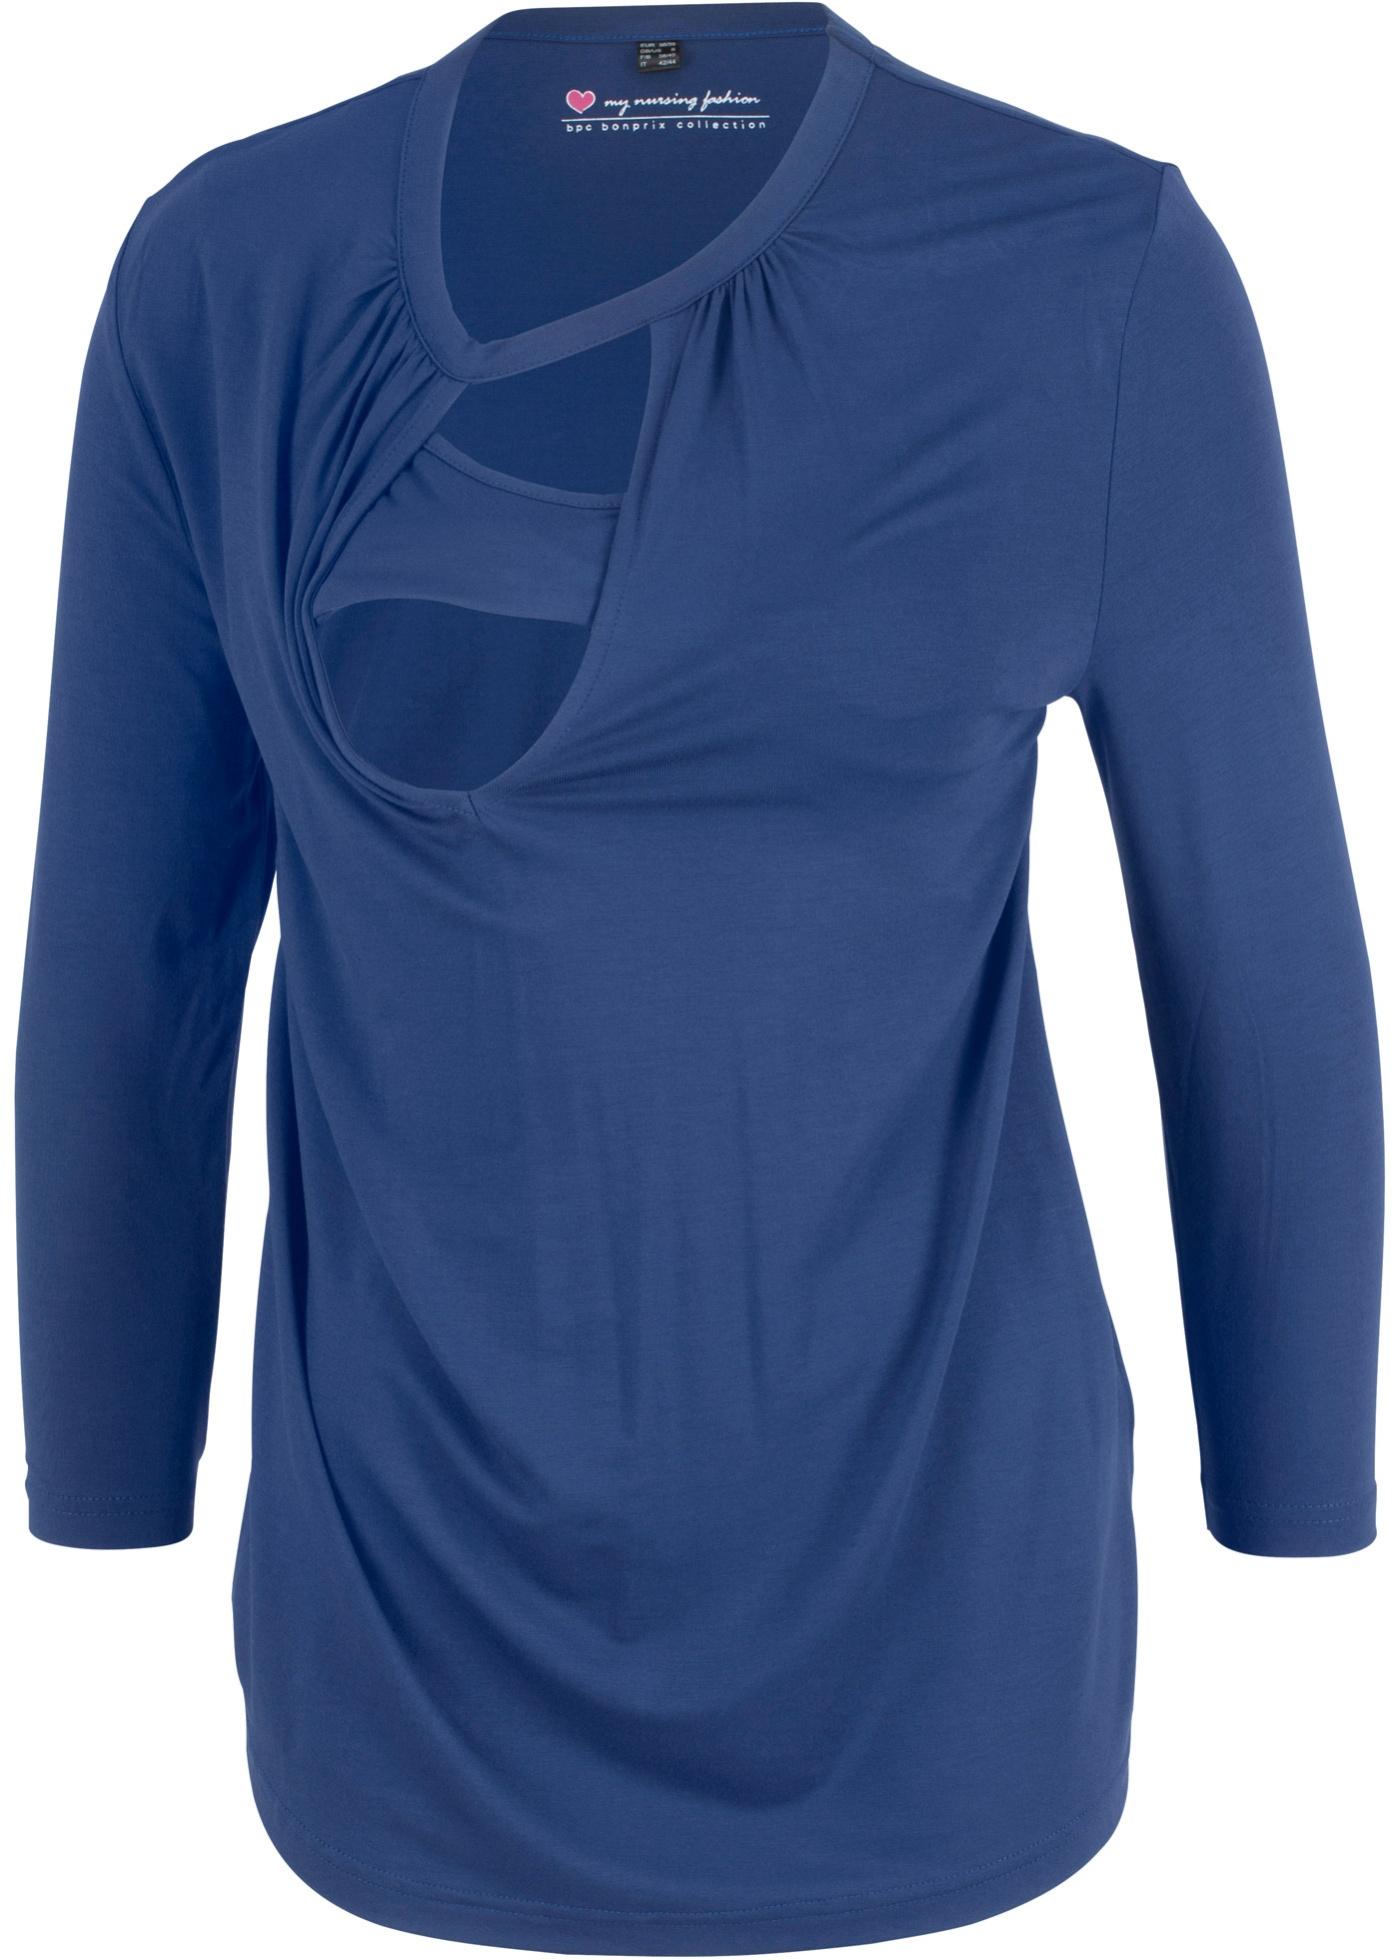 Těhotenské/kojicí tričko - Modrá